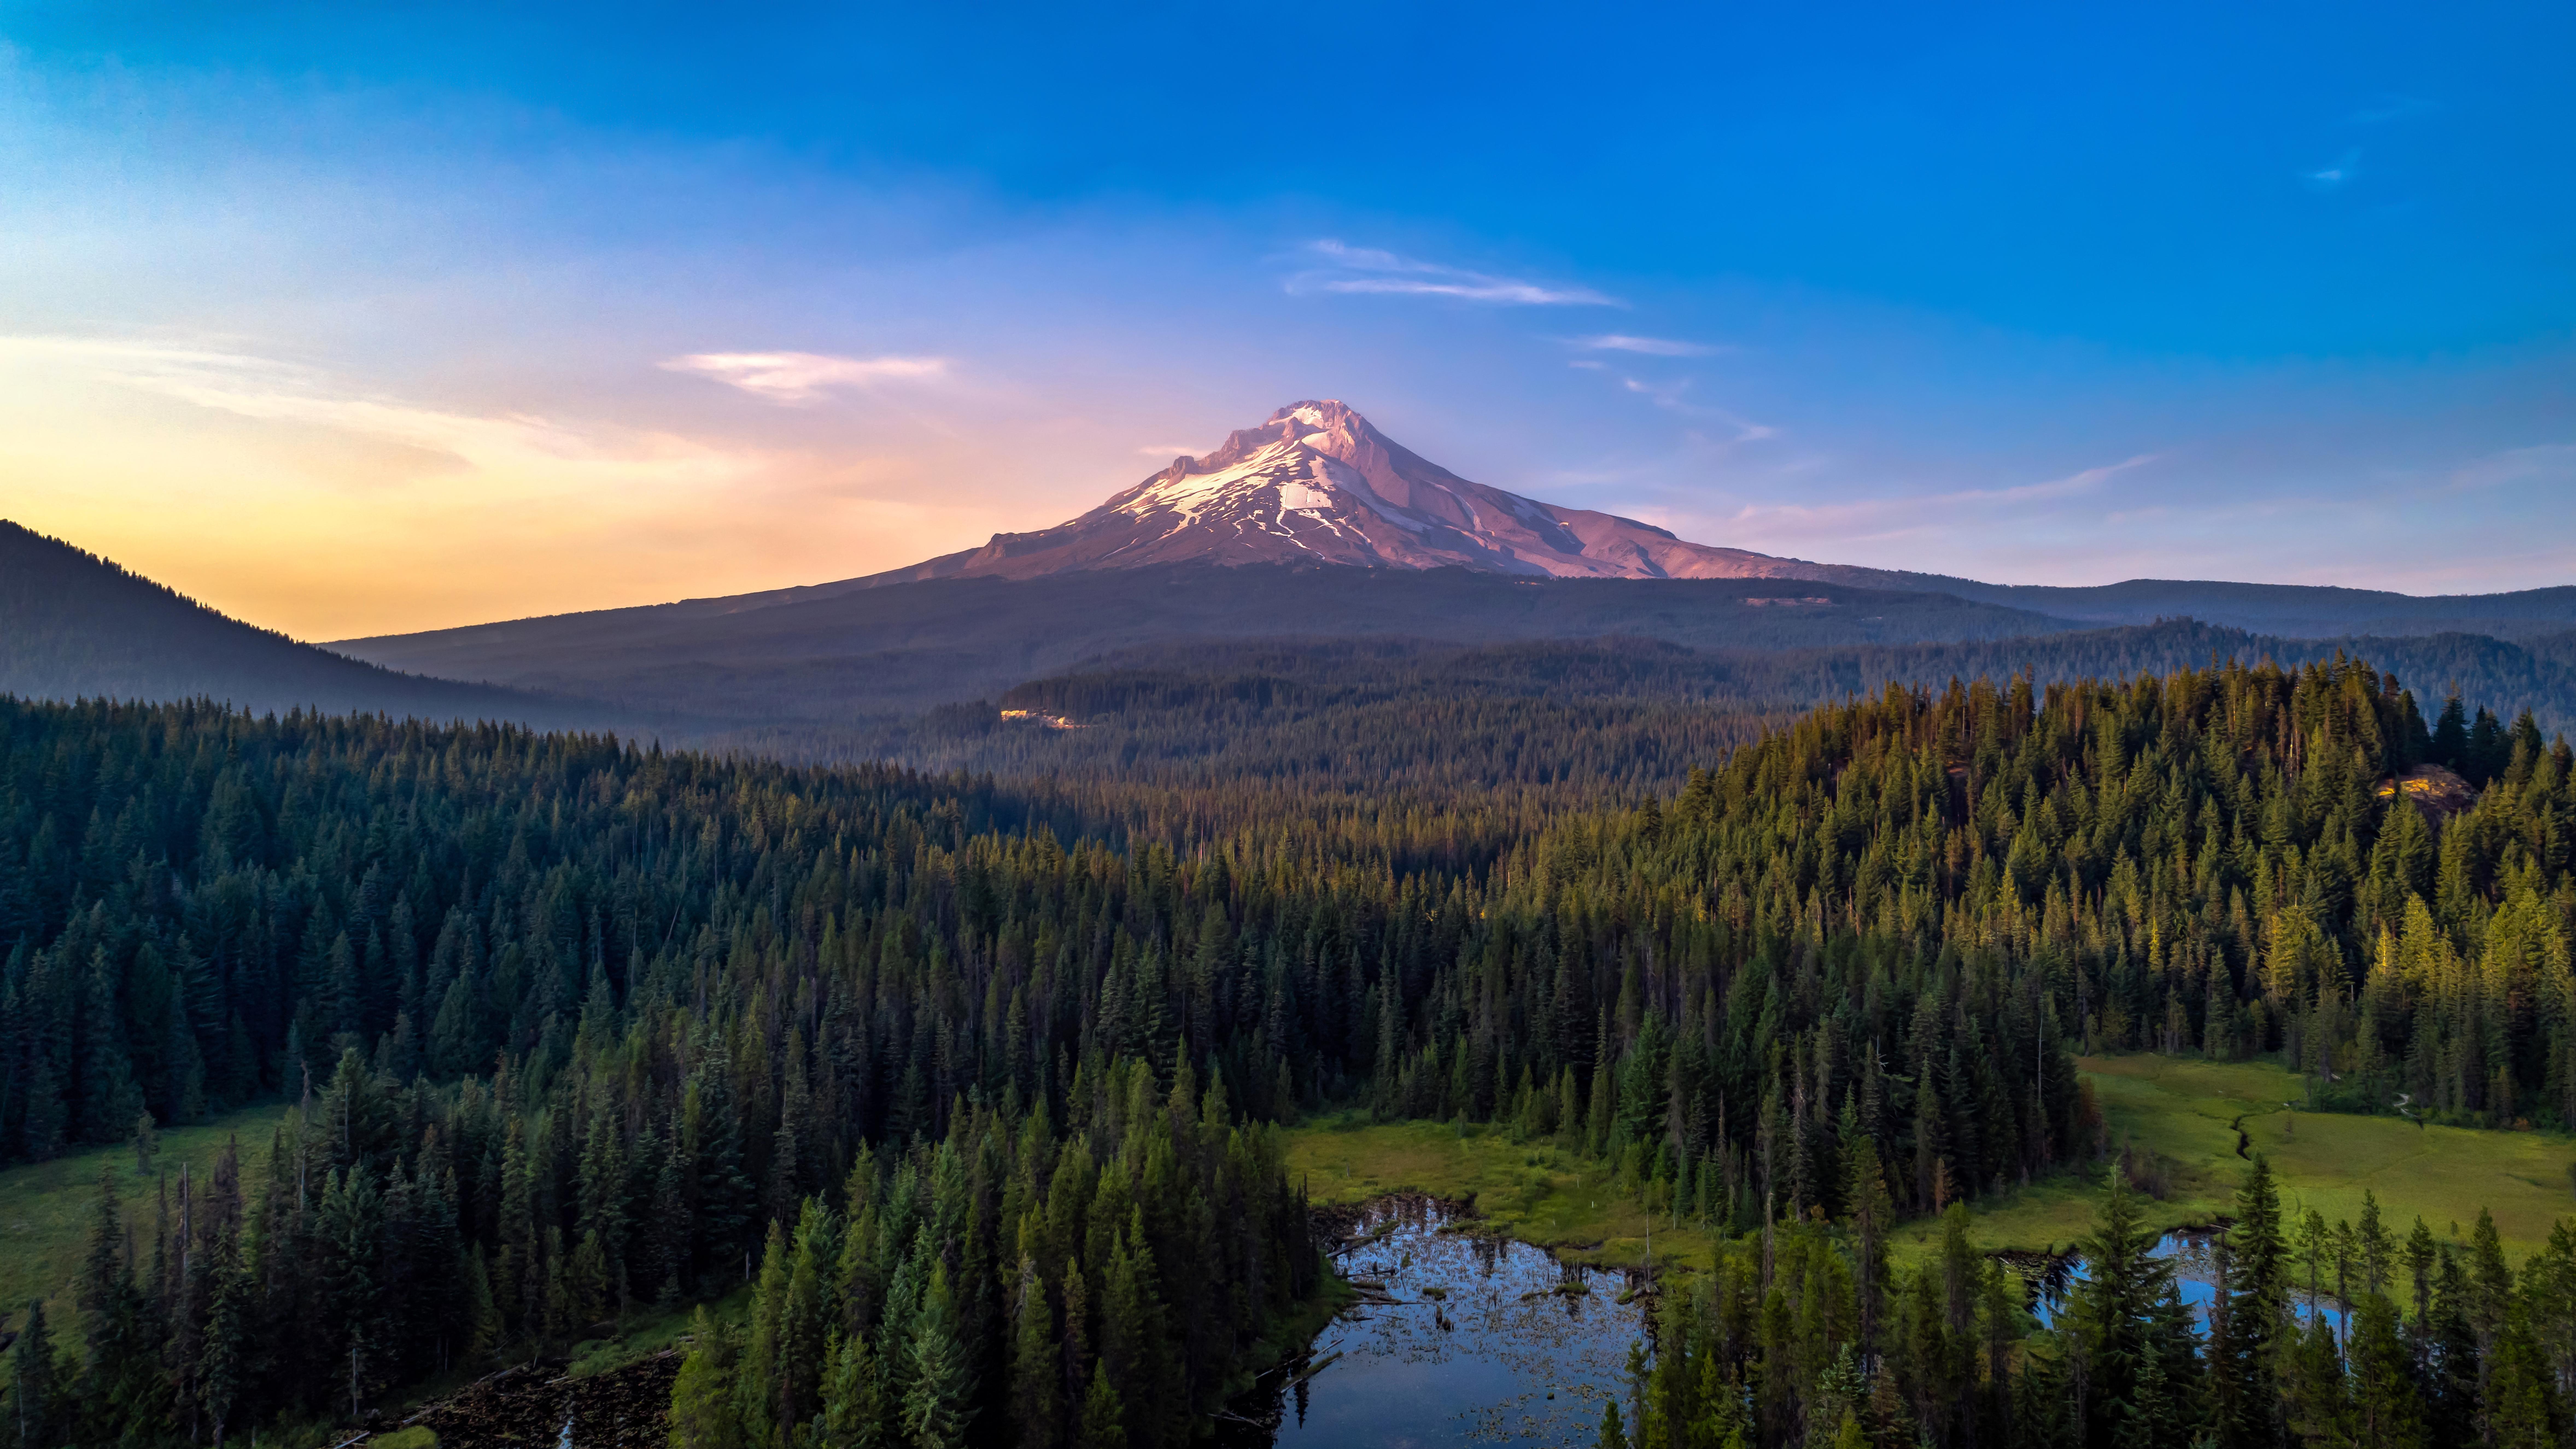 El USGS dice que una erupción podría producir grandes cantidades de cenizas y partículas finas, devastando el área de Portland, causando fallas generalizadas en la red eléctrica y haciendo que el agua local no sea segura para beber